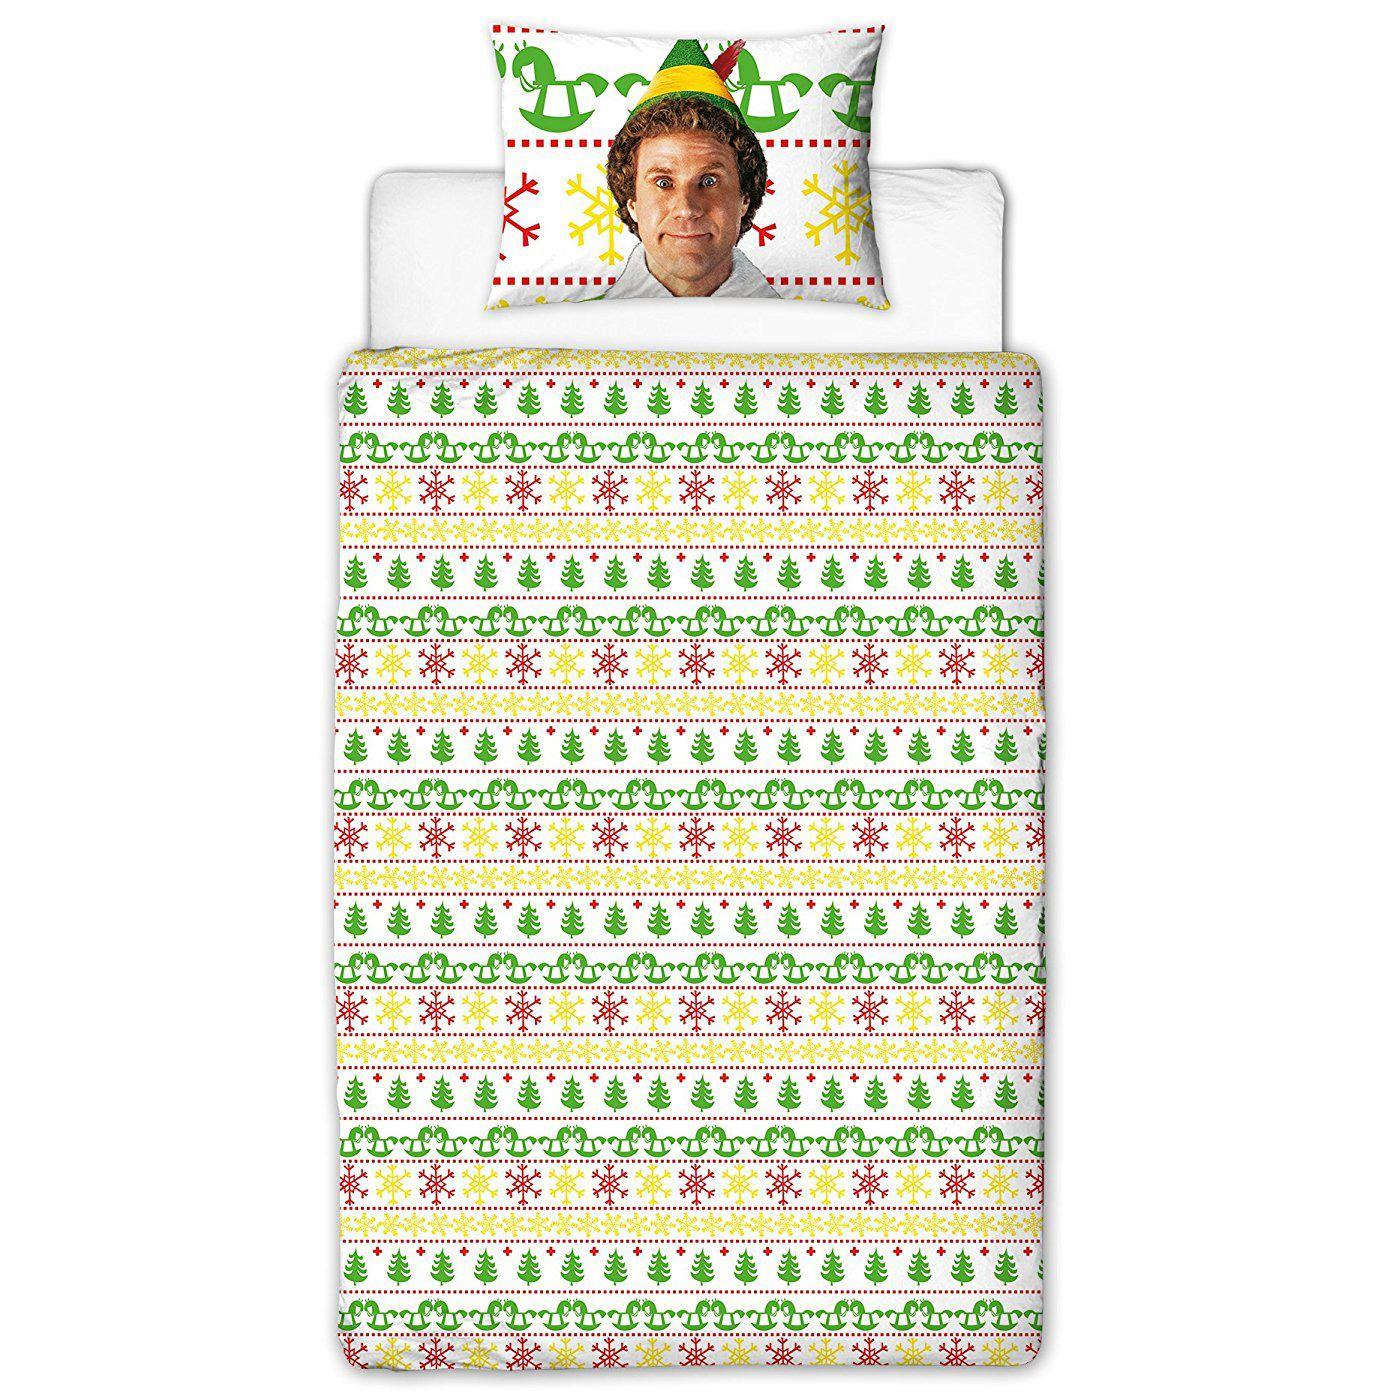 Indexbild 10 - Kinder Weihnachten Bettbezug Sets - Junior Einzel Doppel King - Elf Emoji Grinch